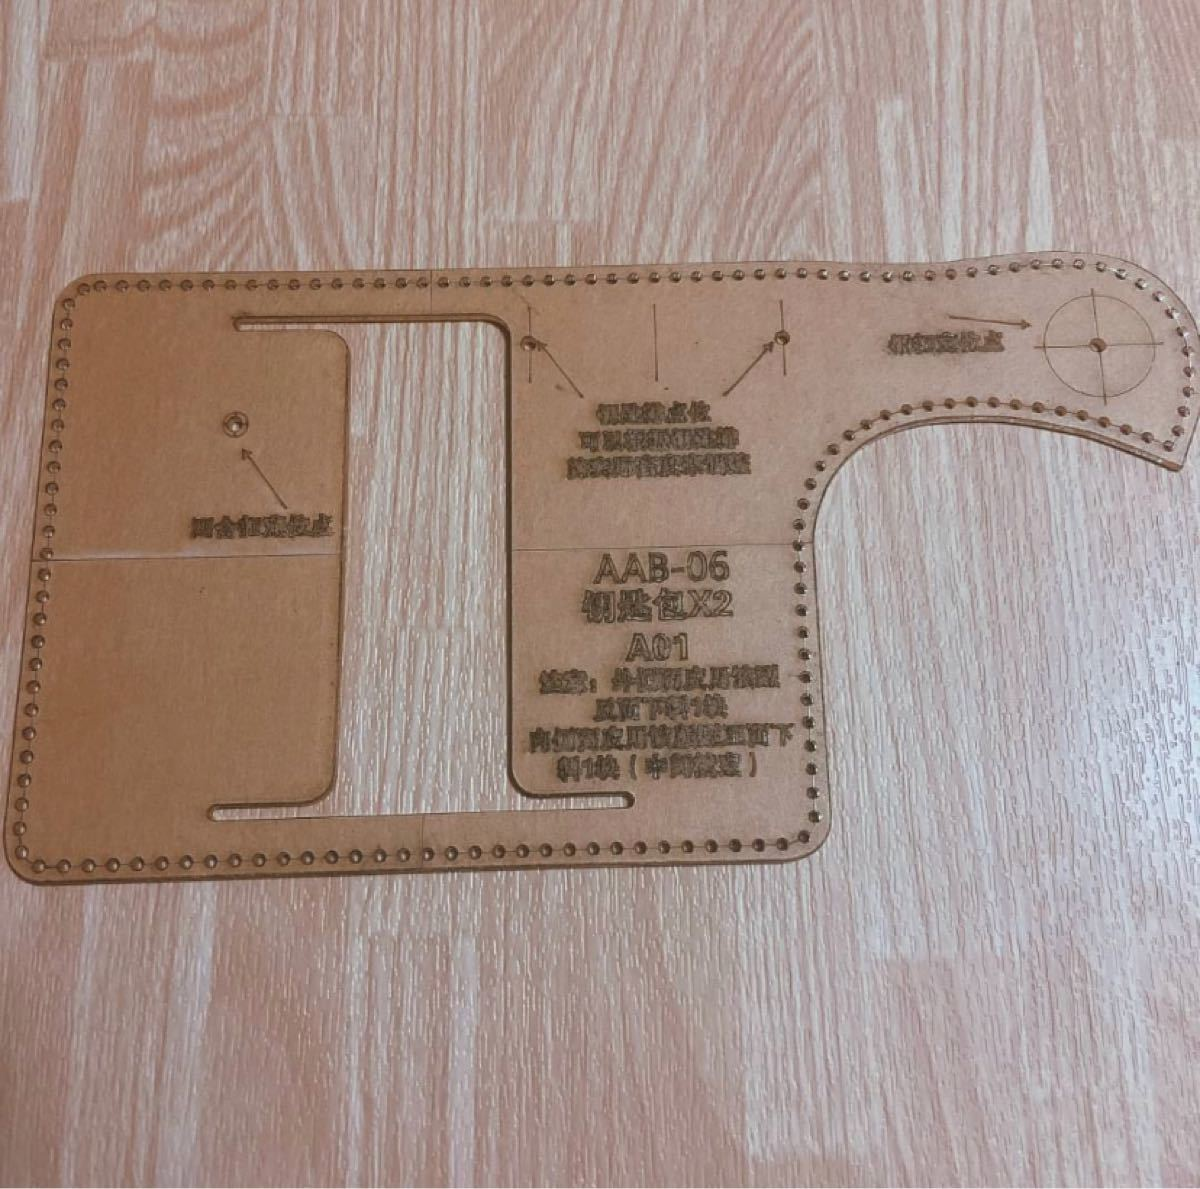 レザー レザークラフト キーケース キーケースアクリル型 革 革用品 レザー用品